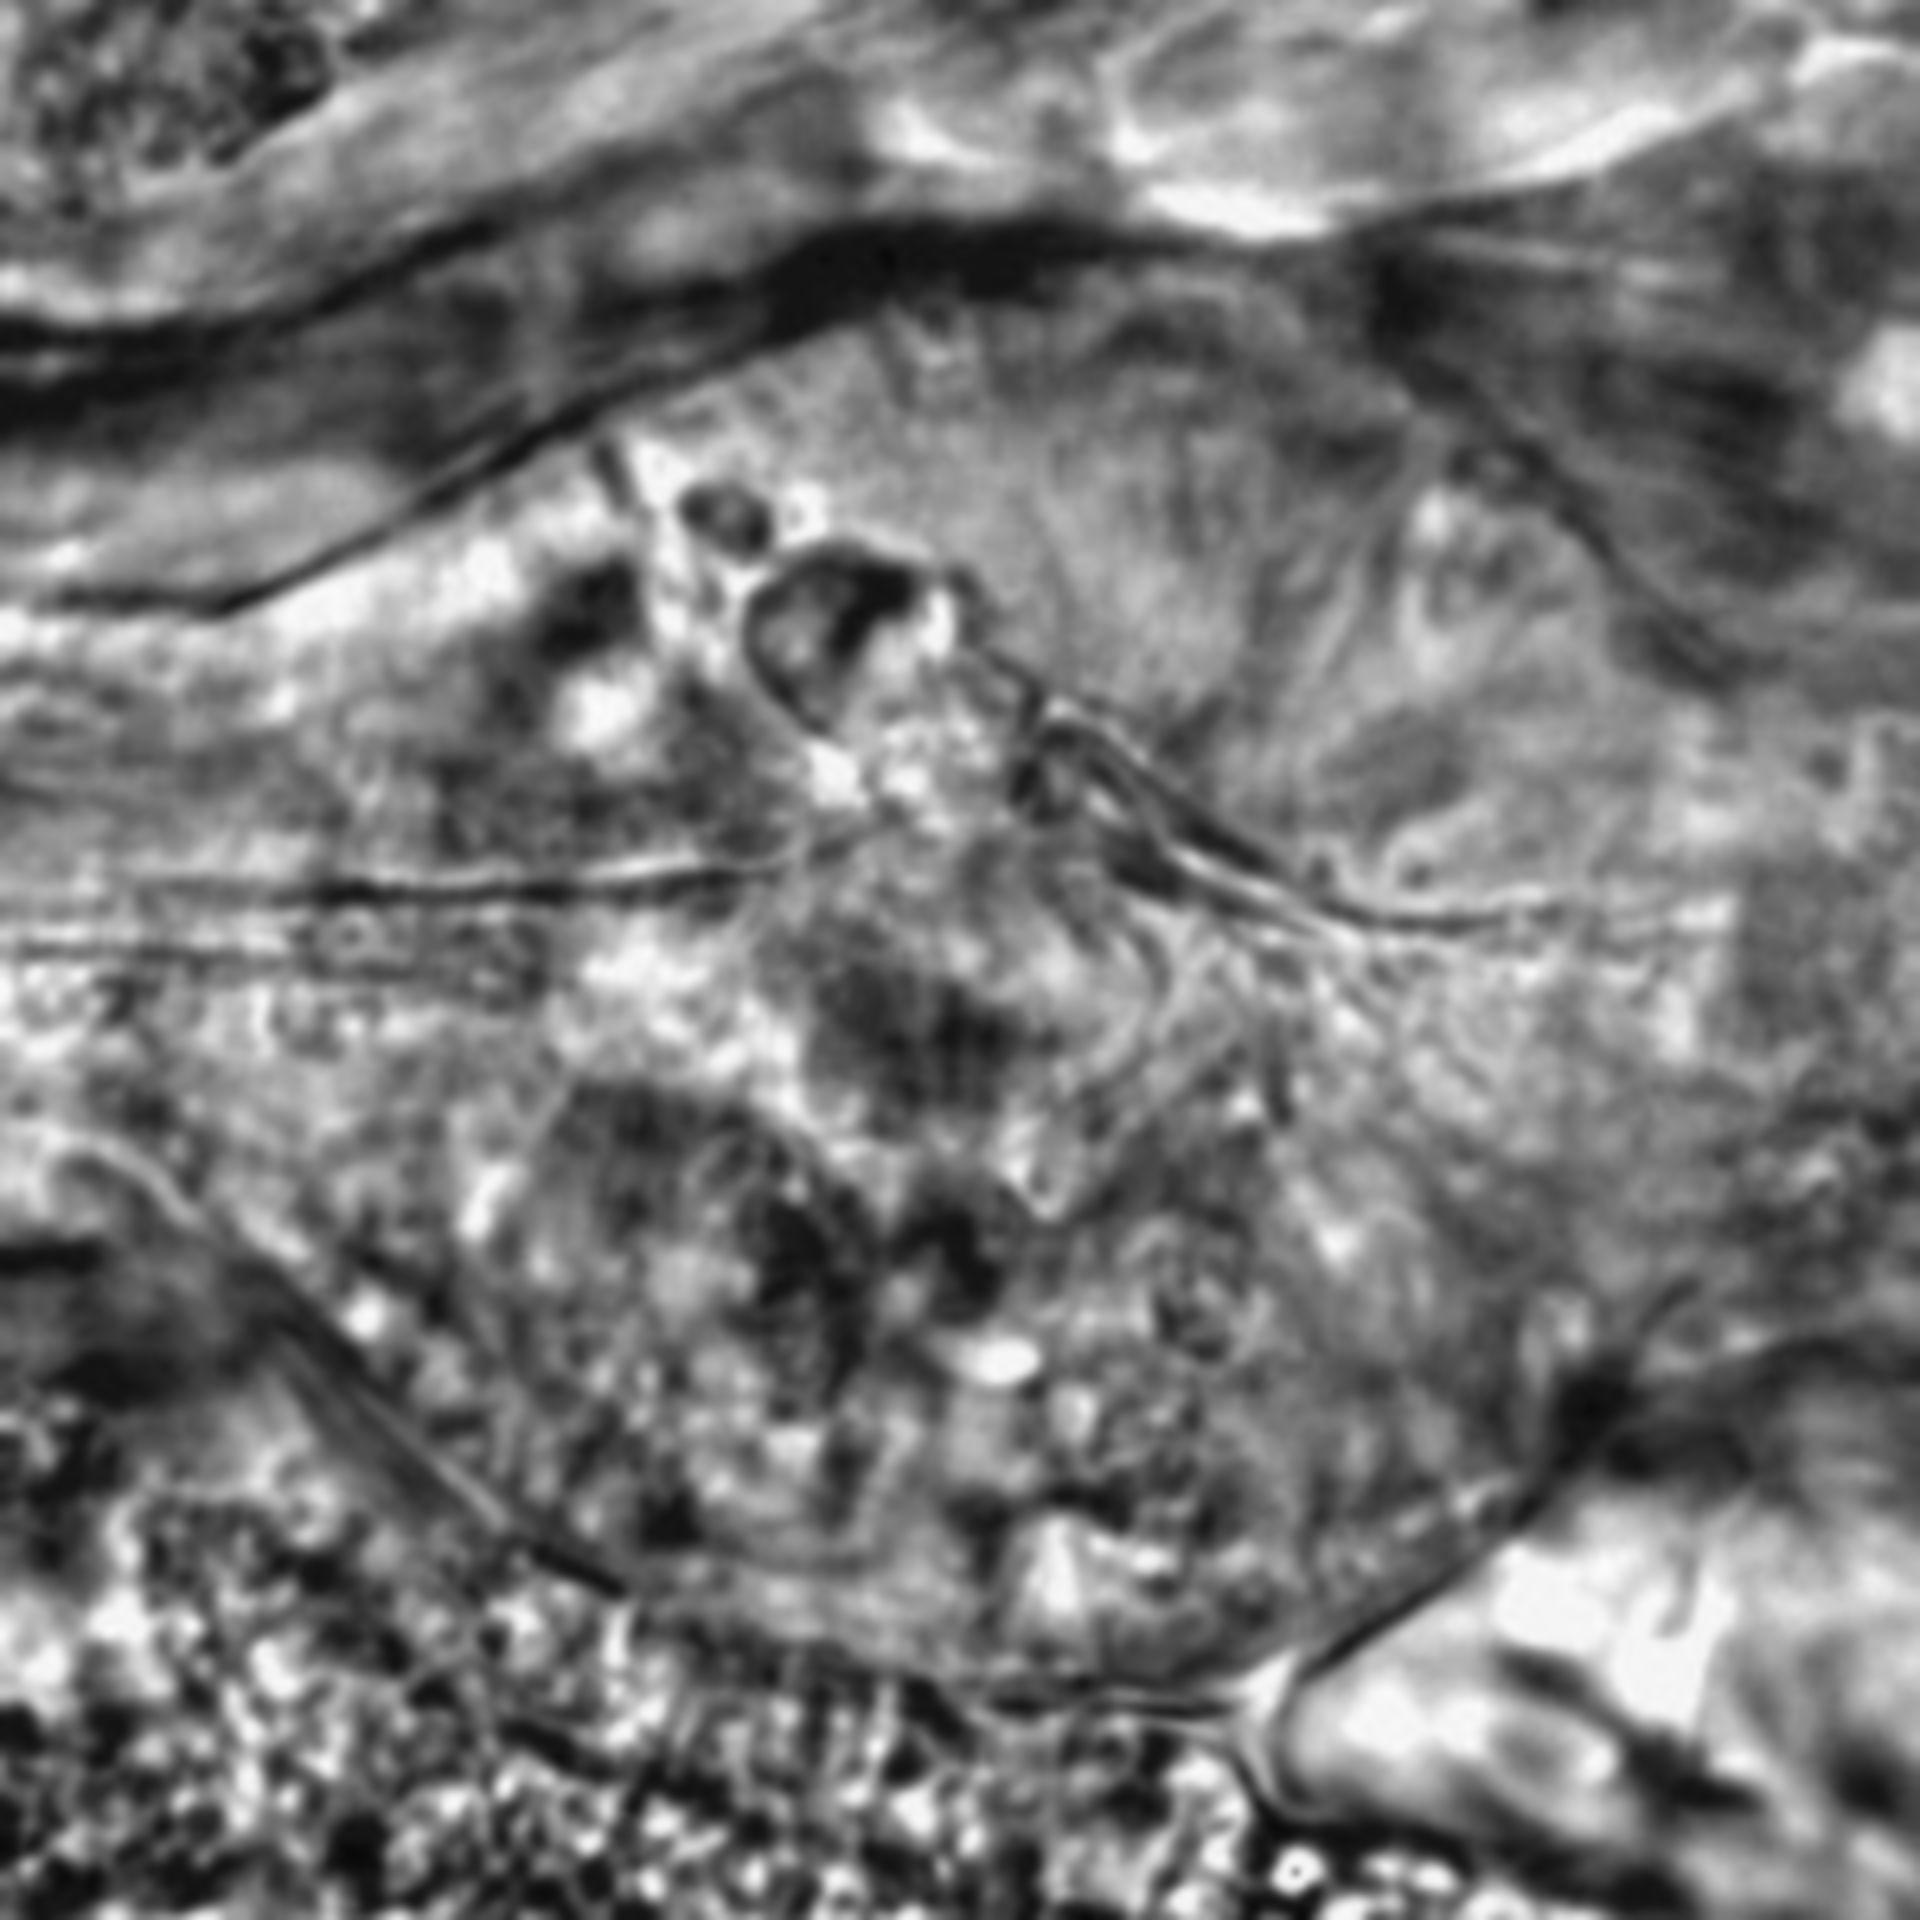 Caenorhabditis elegans - CIL:2693